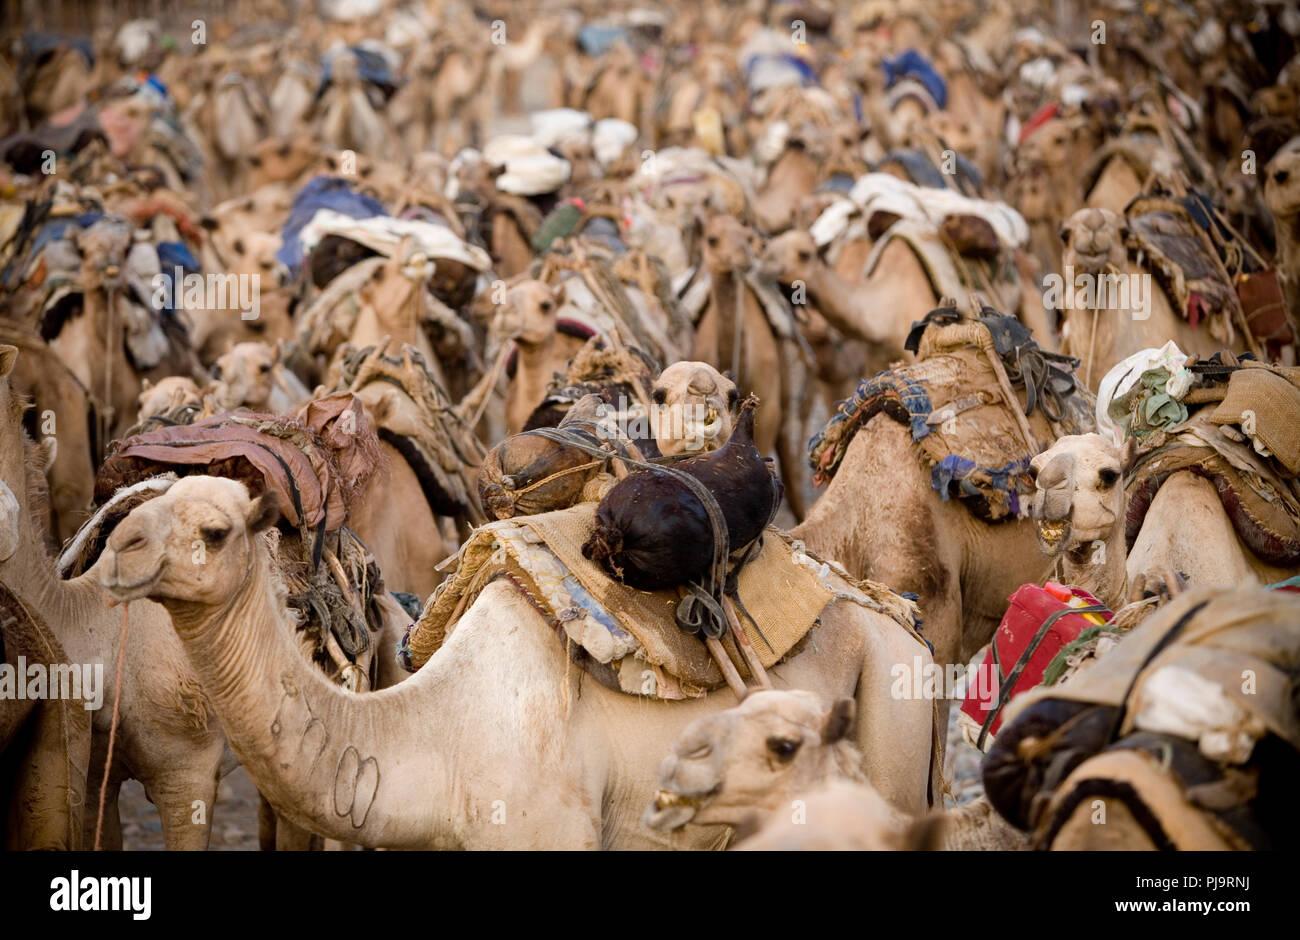 Ein Kamel Karawane Reisen in die danakil Depression Salz zu sammeln, Norden Äthiopiens, 3. Juni 2010. Stockbild